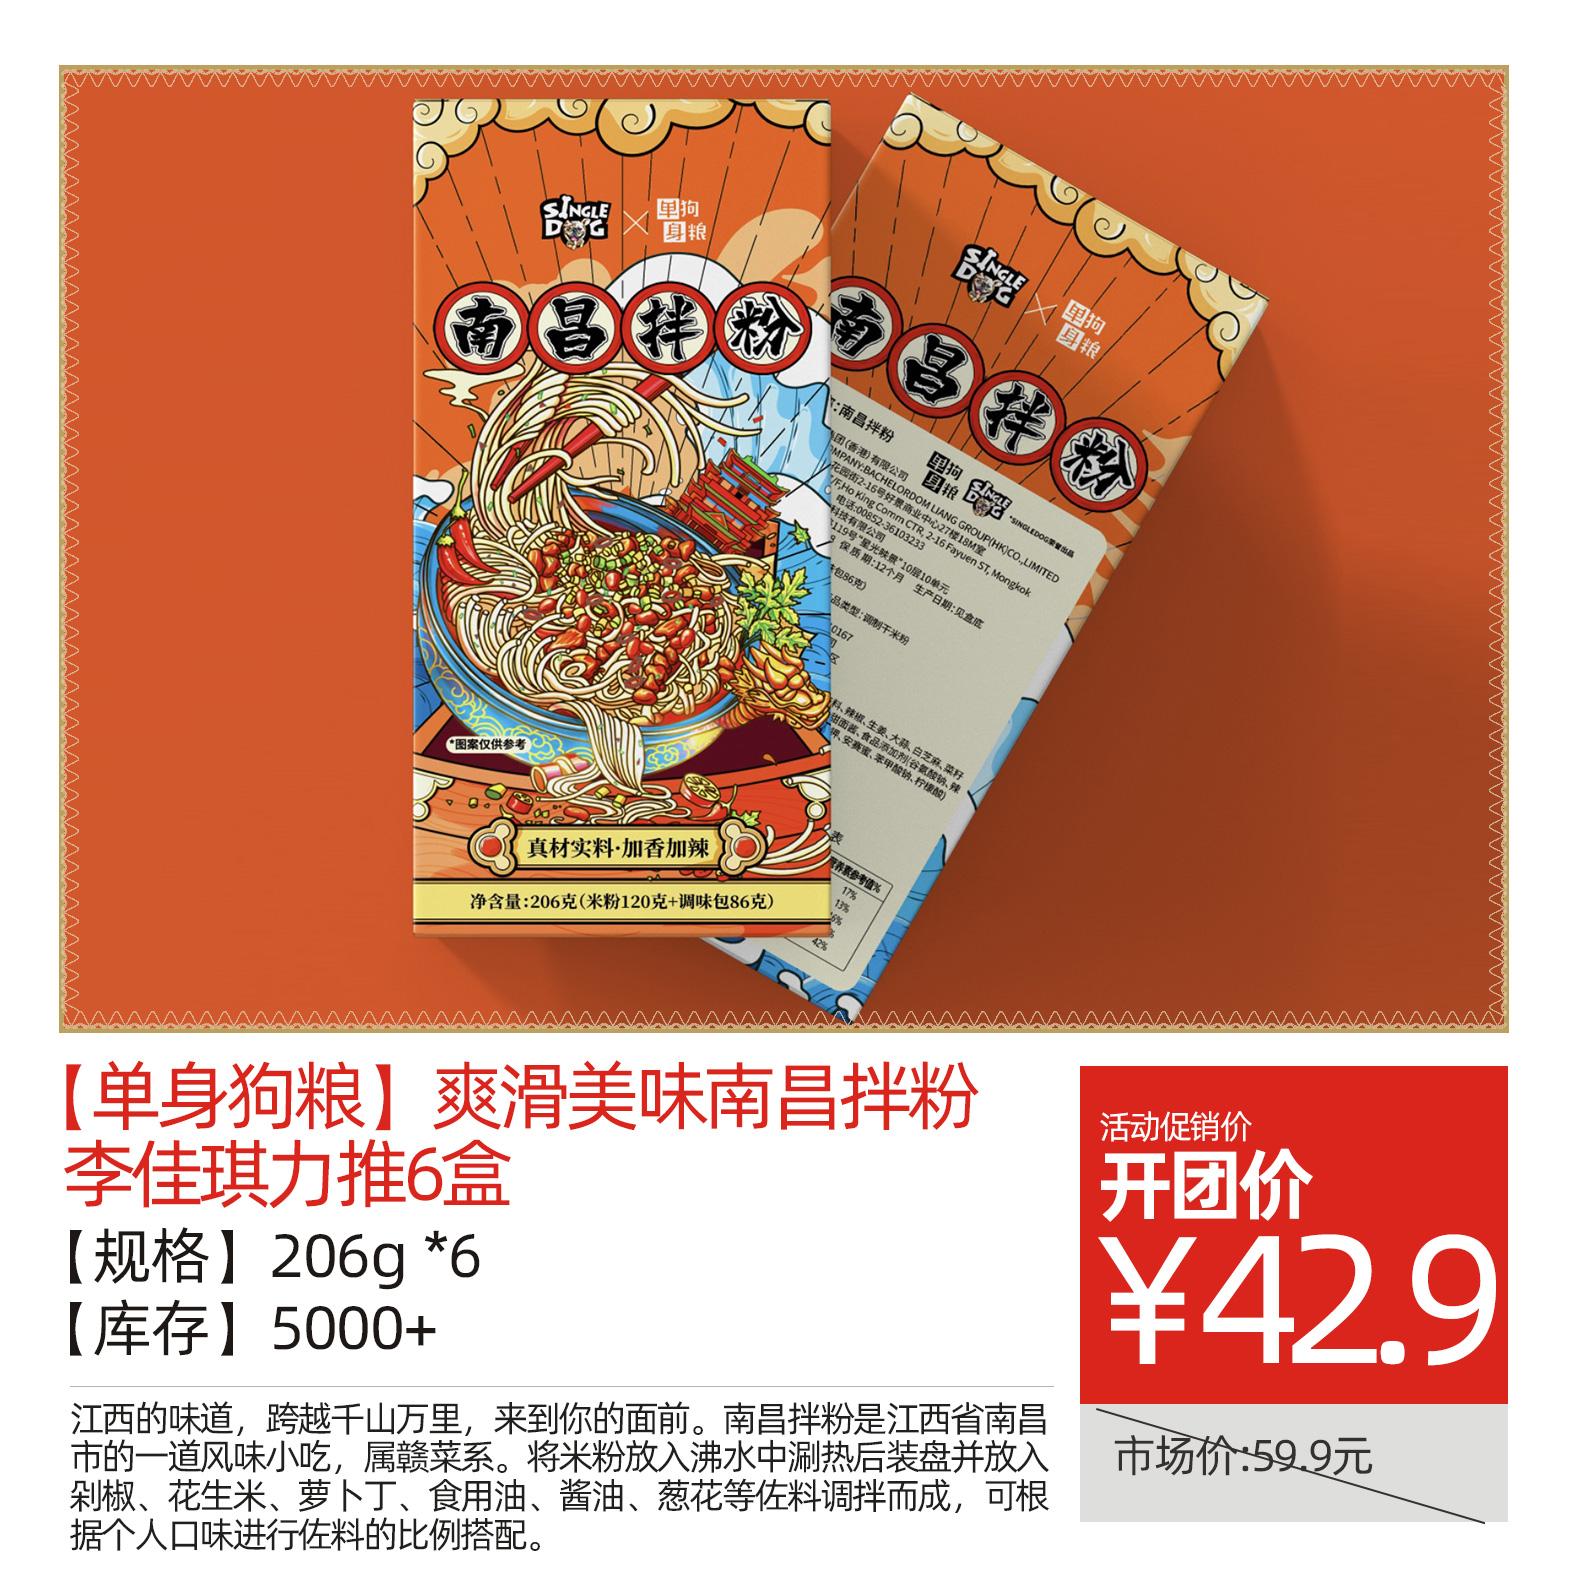 【单身狗粮】爽滑美味南昌拌粉李佳琪力推6盒